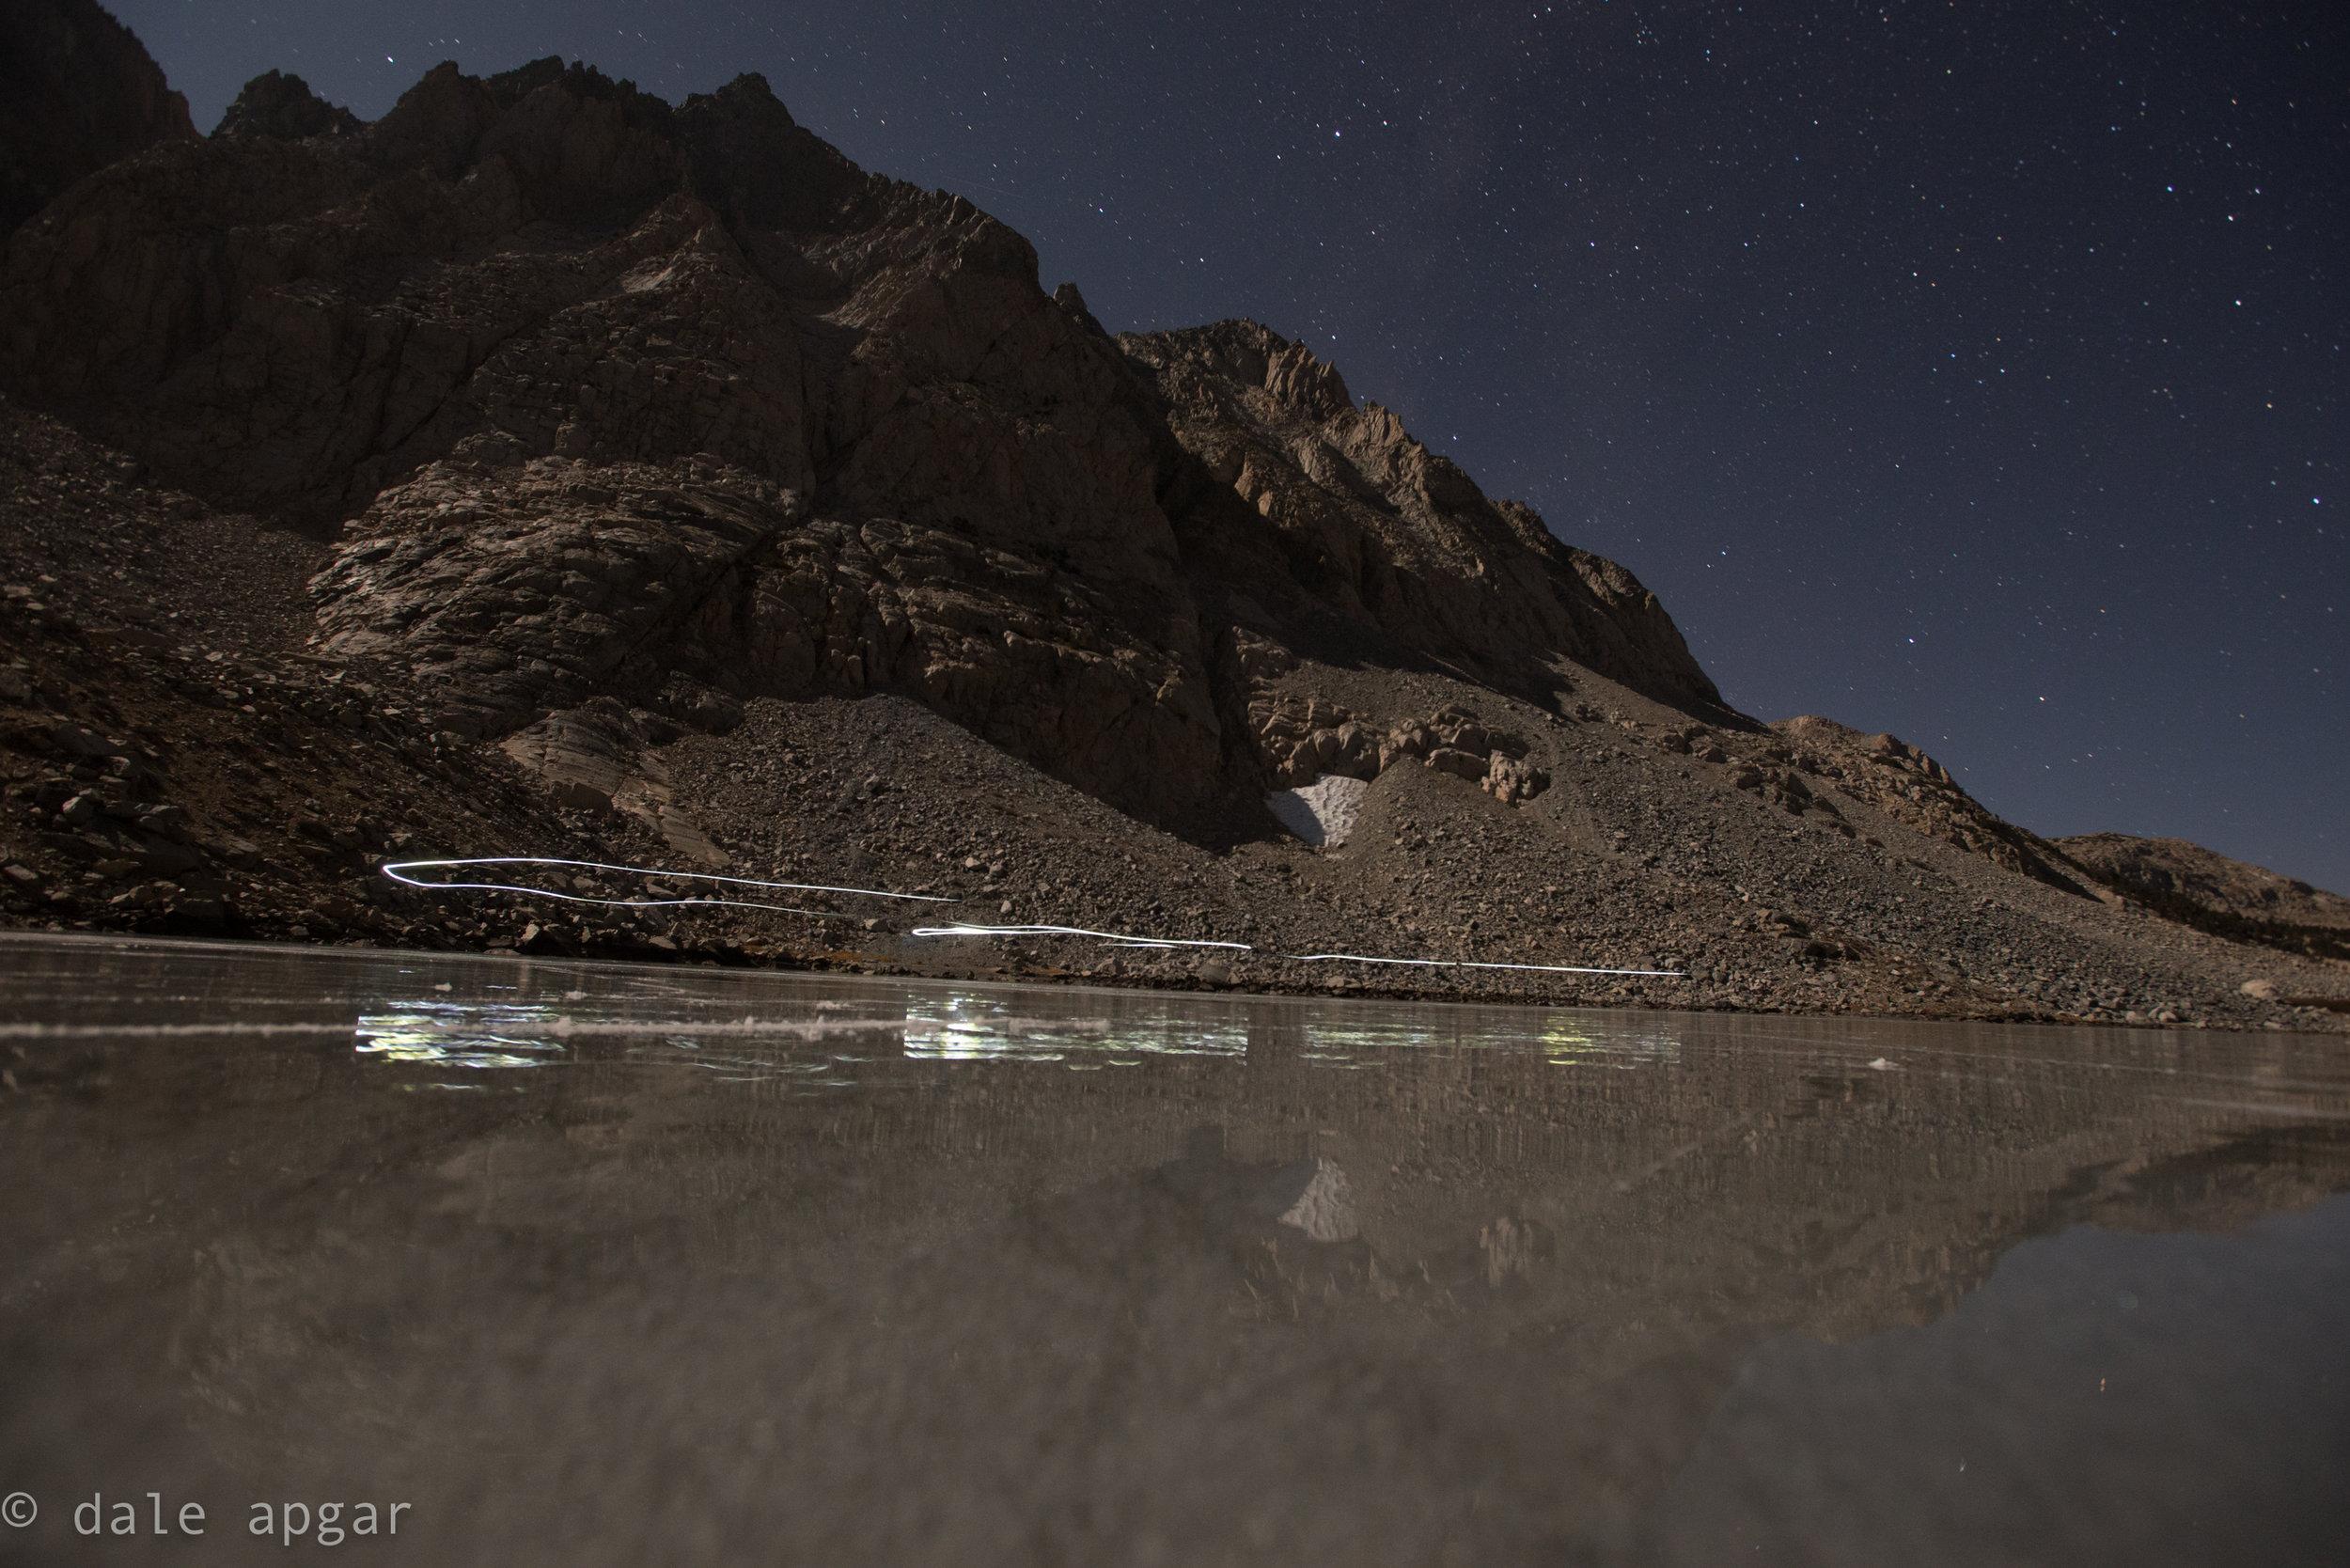 moon-lit alpine lake skating sure was fun